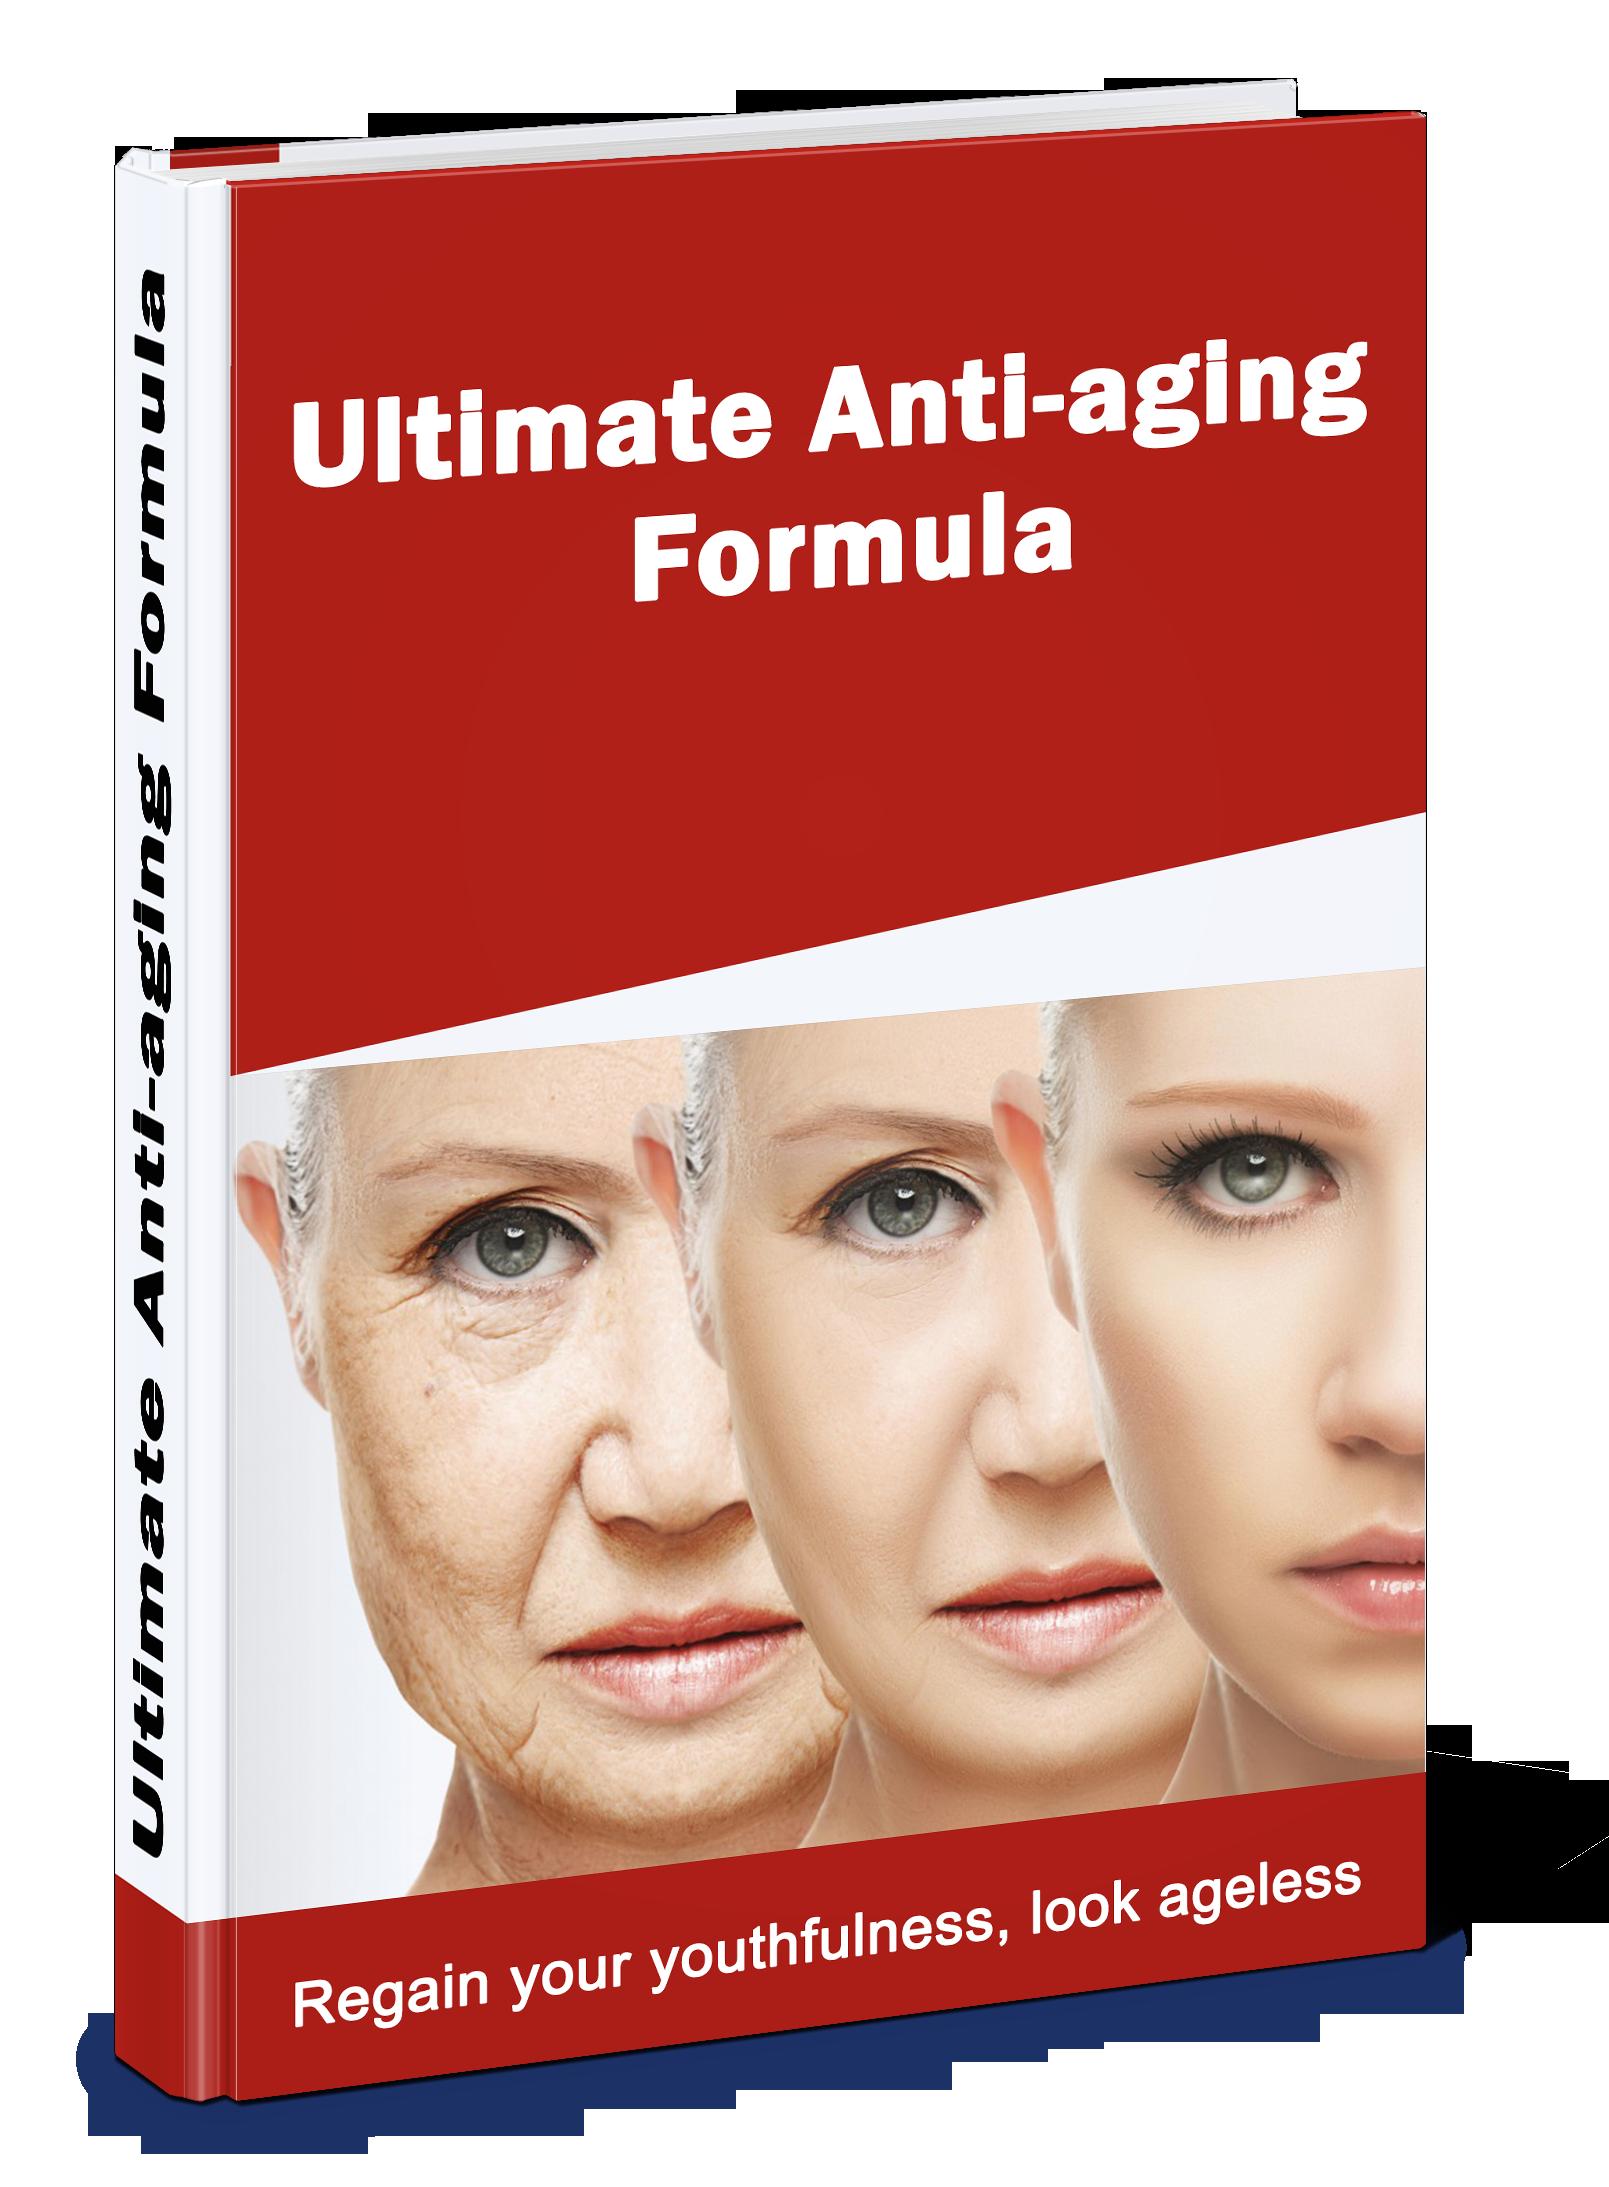 Ultimate-Anti-aging-Formula.png